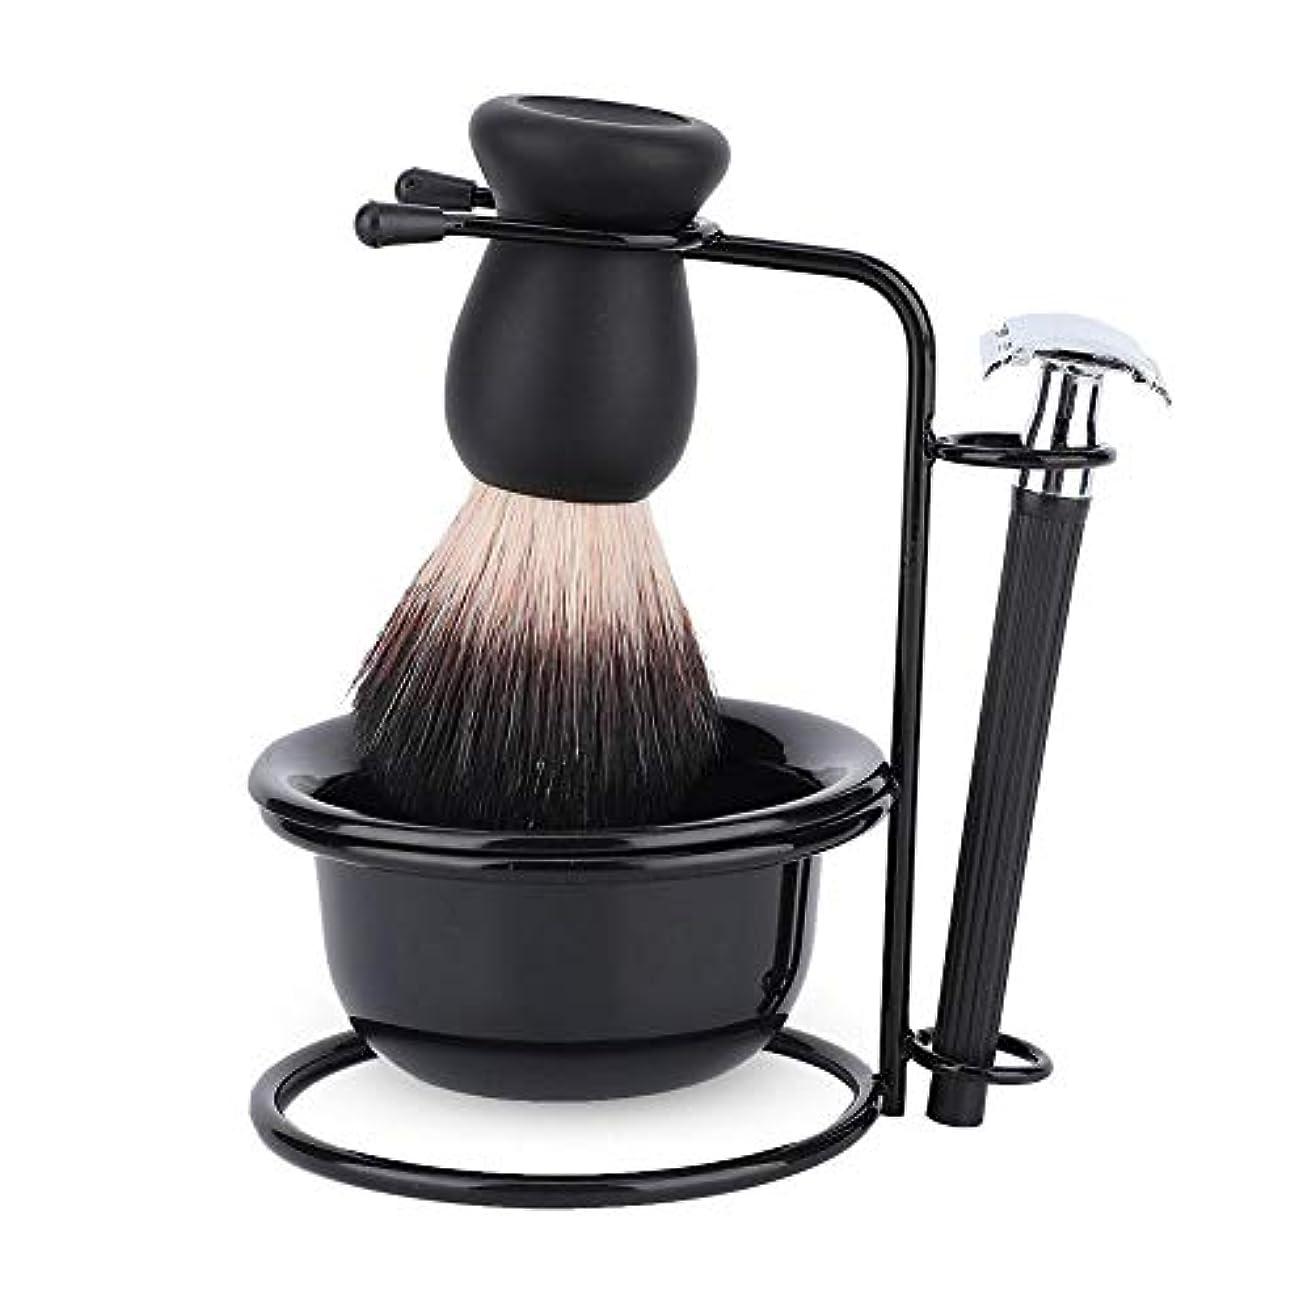 プリーツリスキーな棚シェービングブラシセット ホルダー 剃刀 カミソリ プレゼント 洗顔 髭剃り 柔らかい毛 泡立ち メンズ